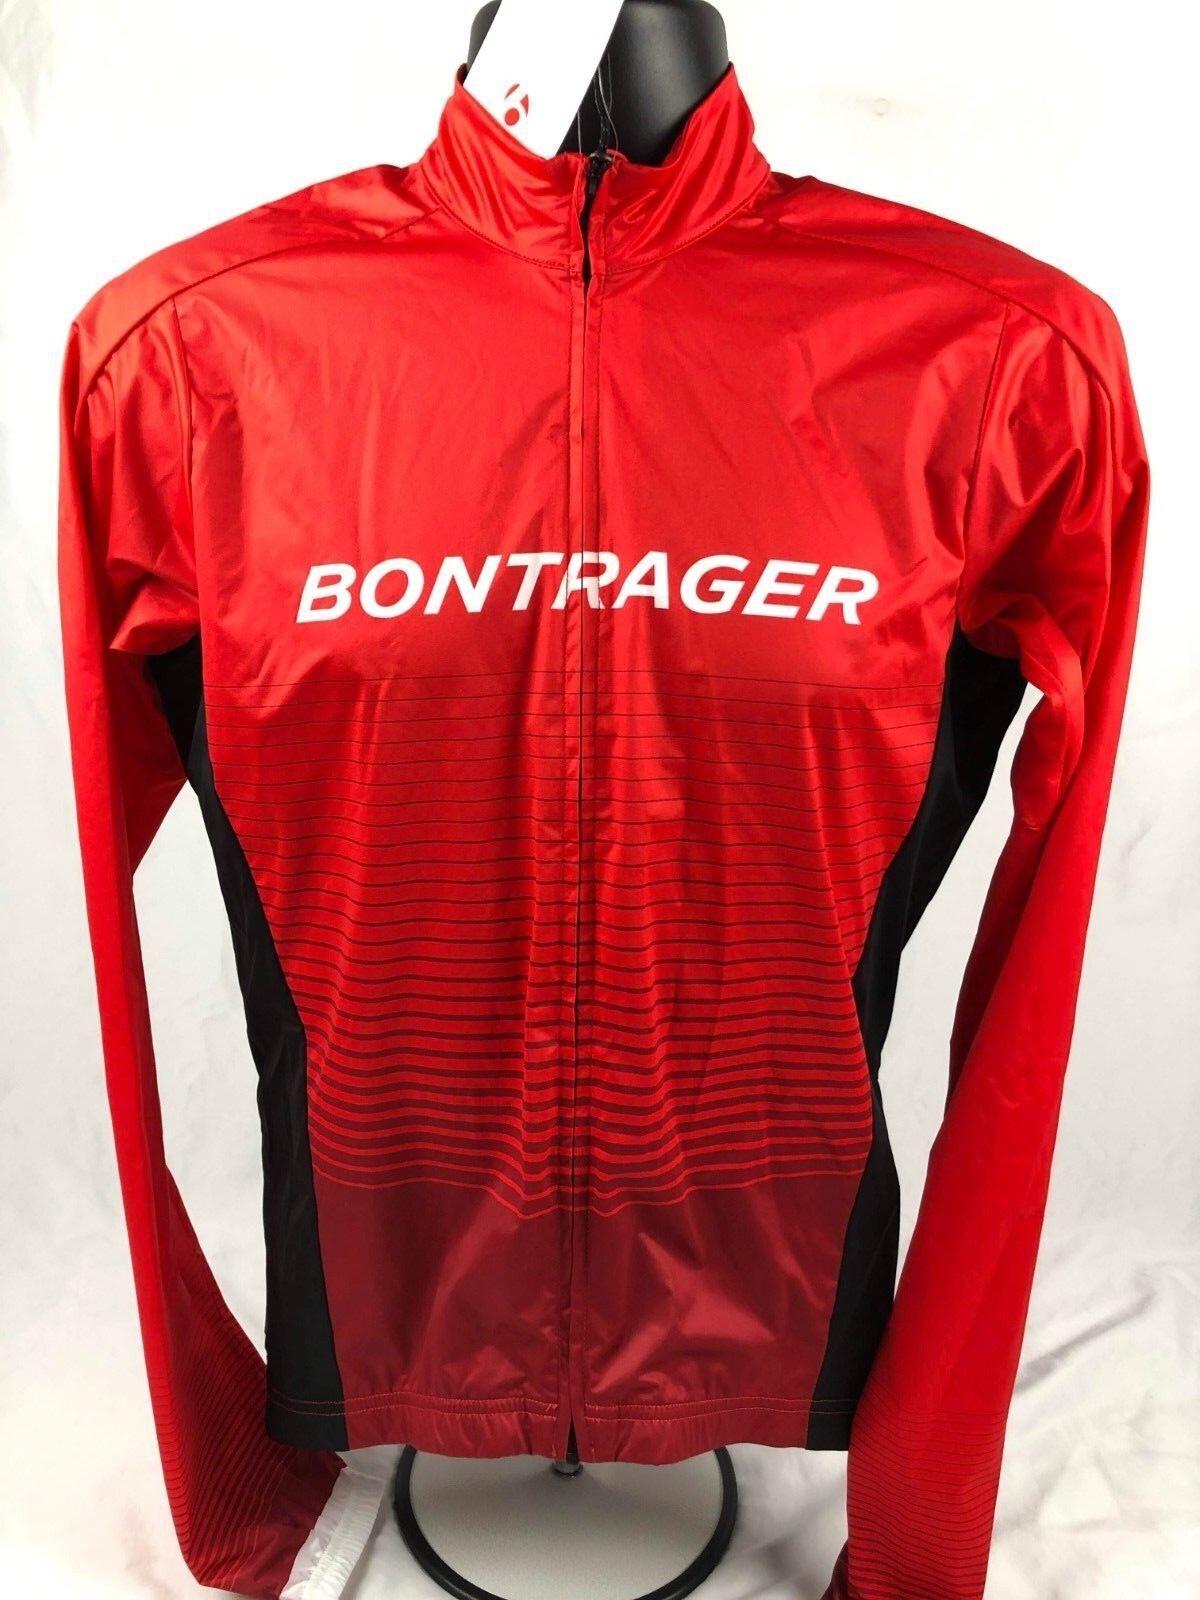 Bontrager Specter Windshell Chaqueta Tamaño  Mediano Rojo (3h)  Envío y cambio gratis.